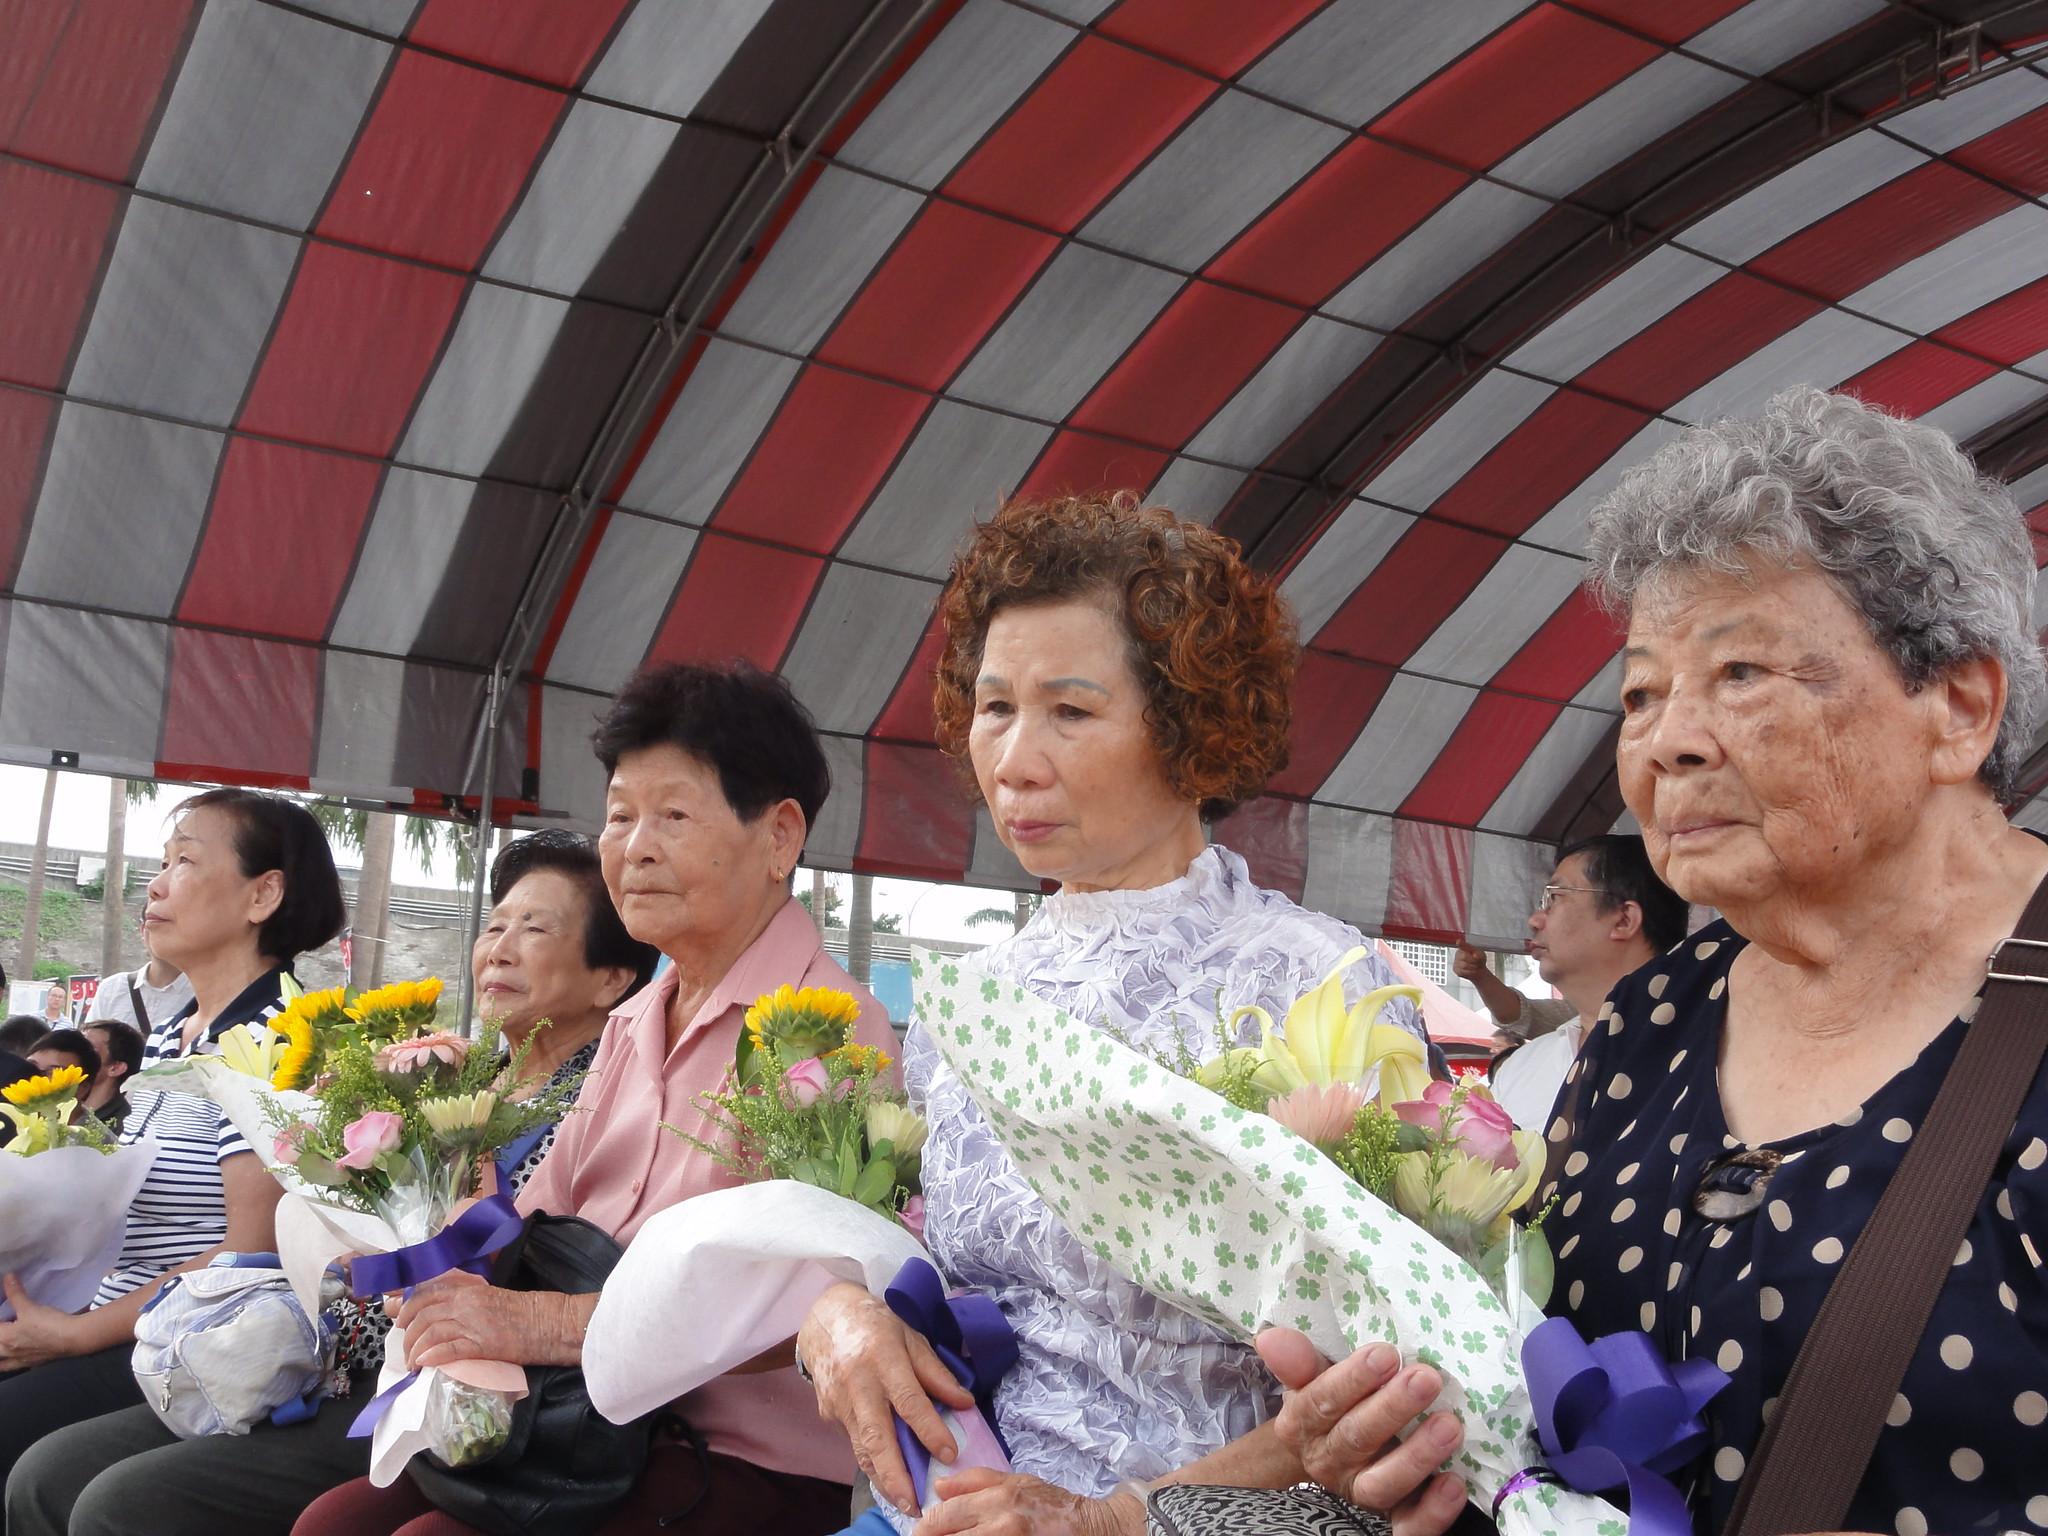 受難者遺族與家屬在追思會上接受鮮花致贈。(攝影:張智琦)